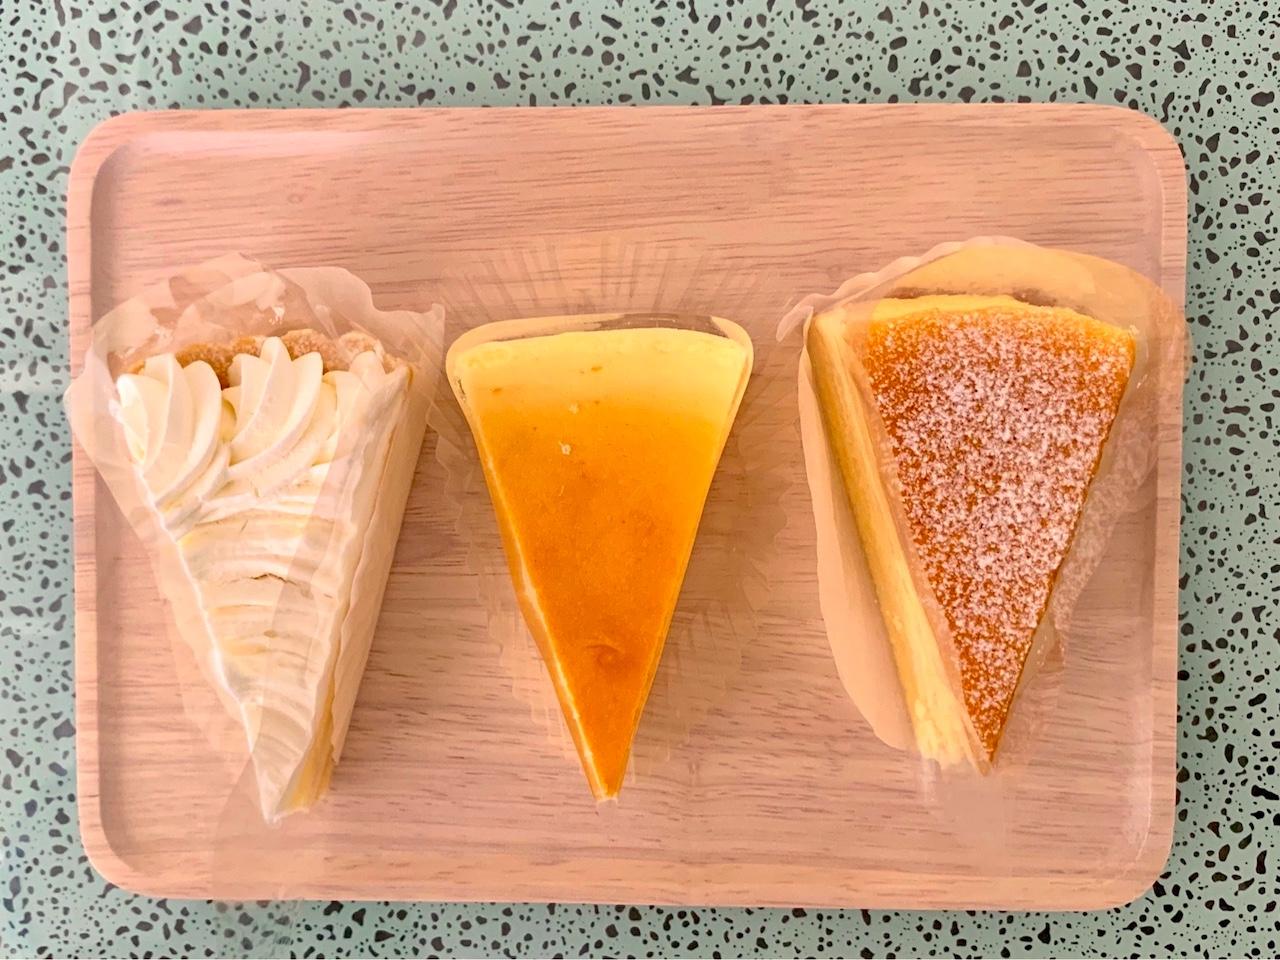 【成城石井オリジナル】人気商品のチーズケーキ3種を食べ比べ!